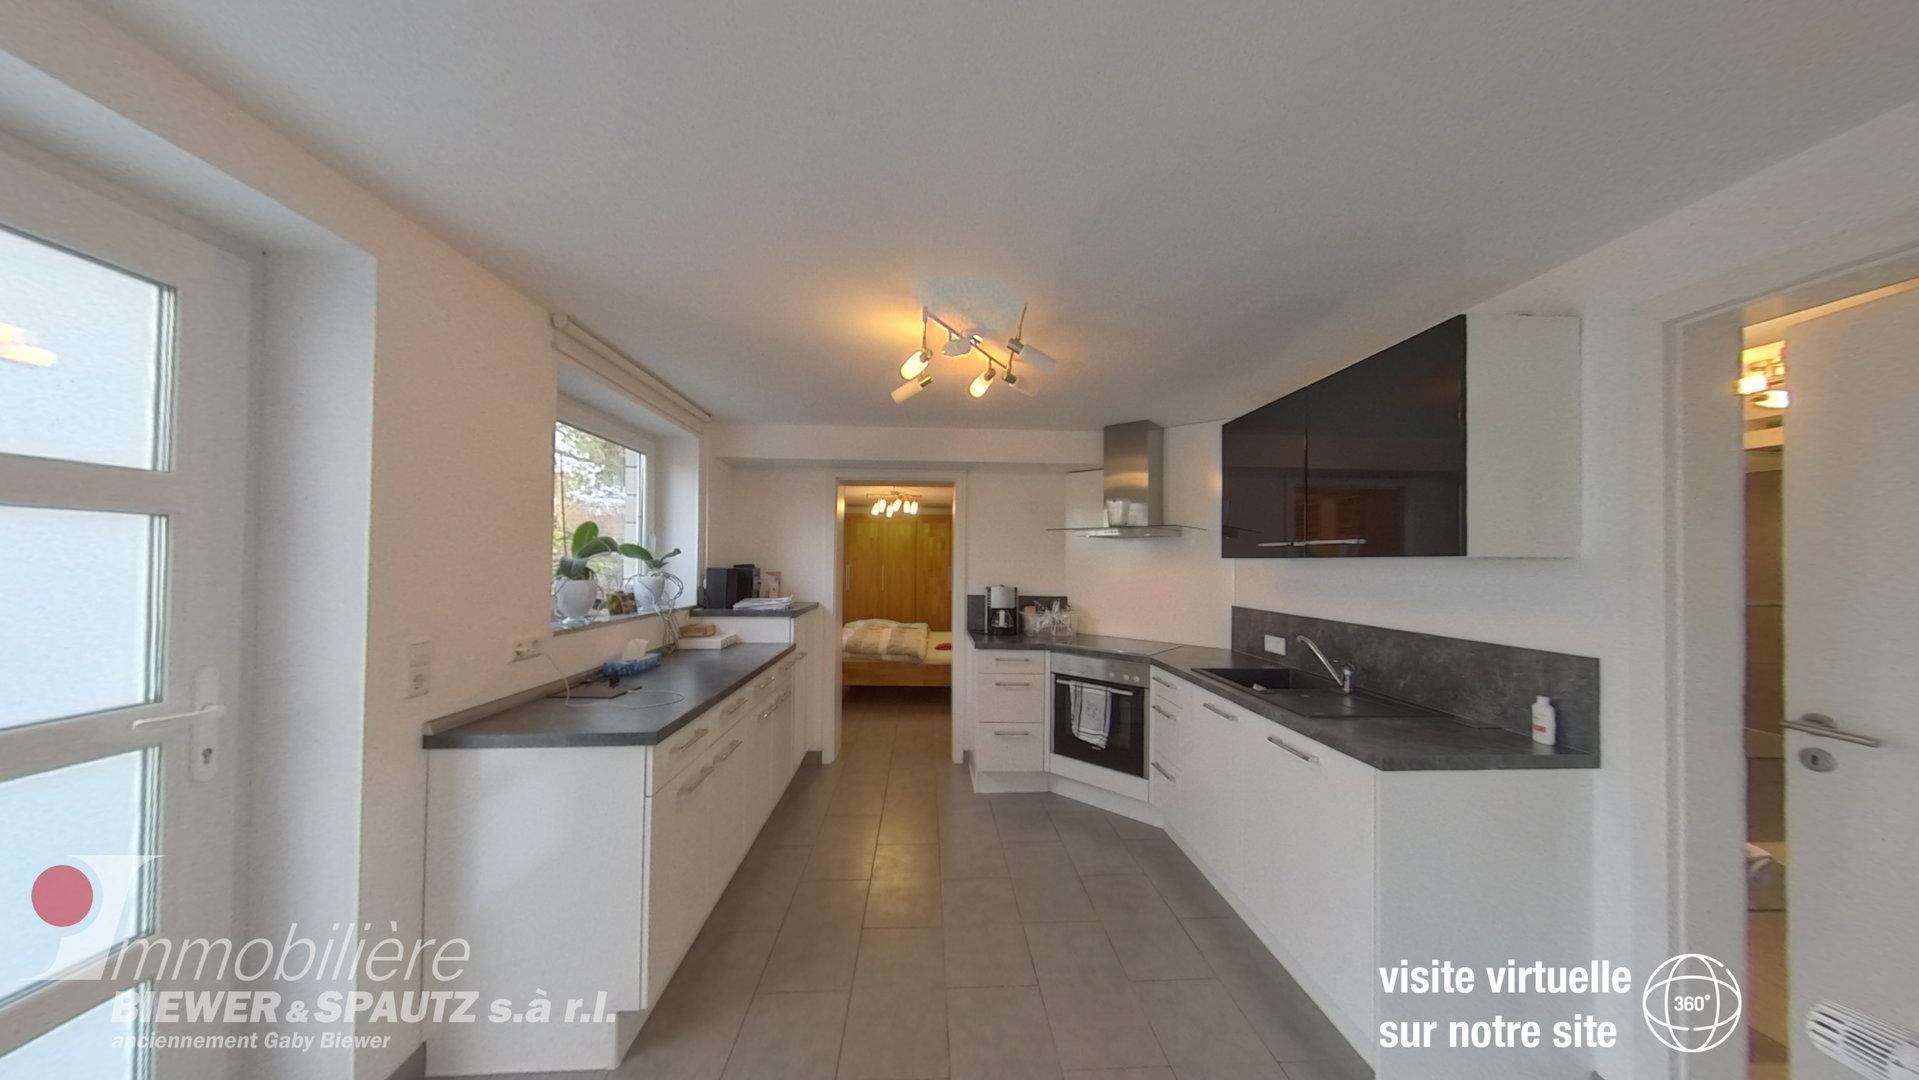 A LOUER - appartement meublé avec 1 chambre à coucher à Olingen